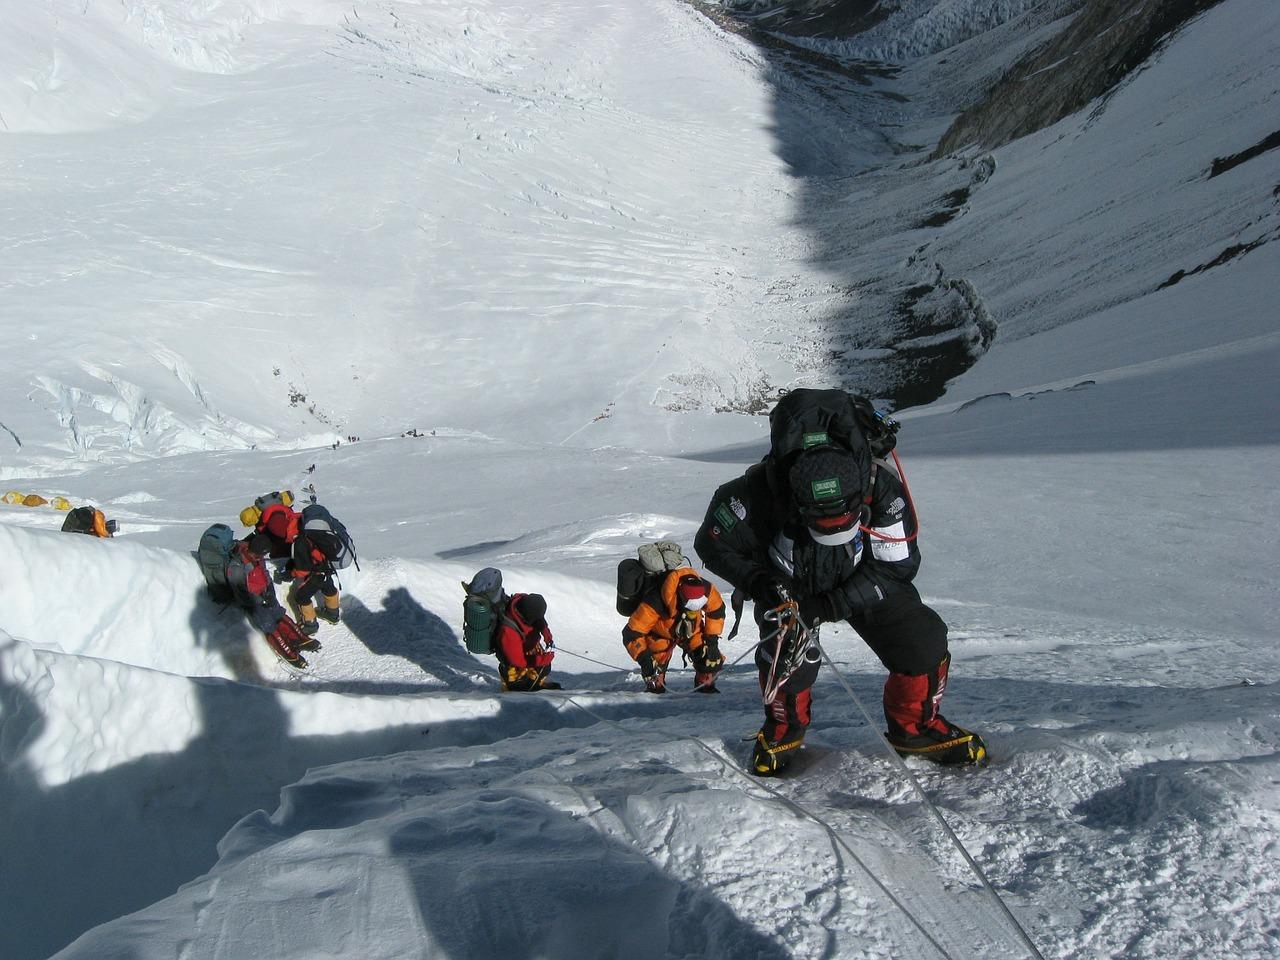 wspinaczka wysokogórska aplinizm himalaje trekking film